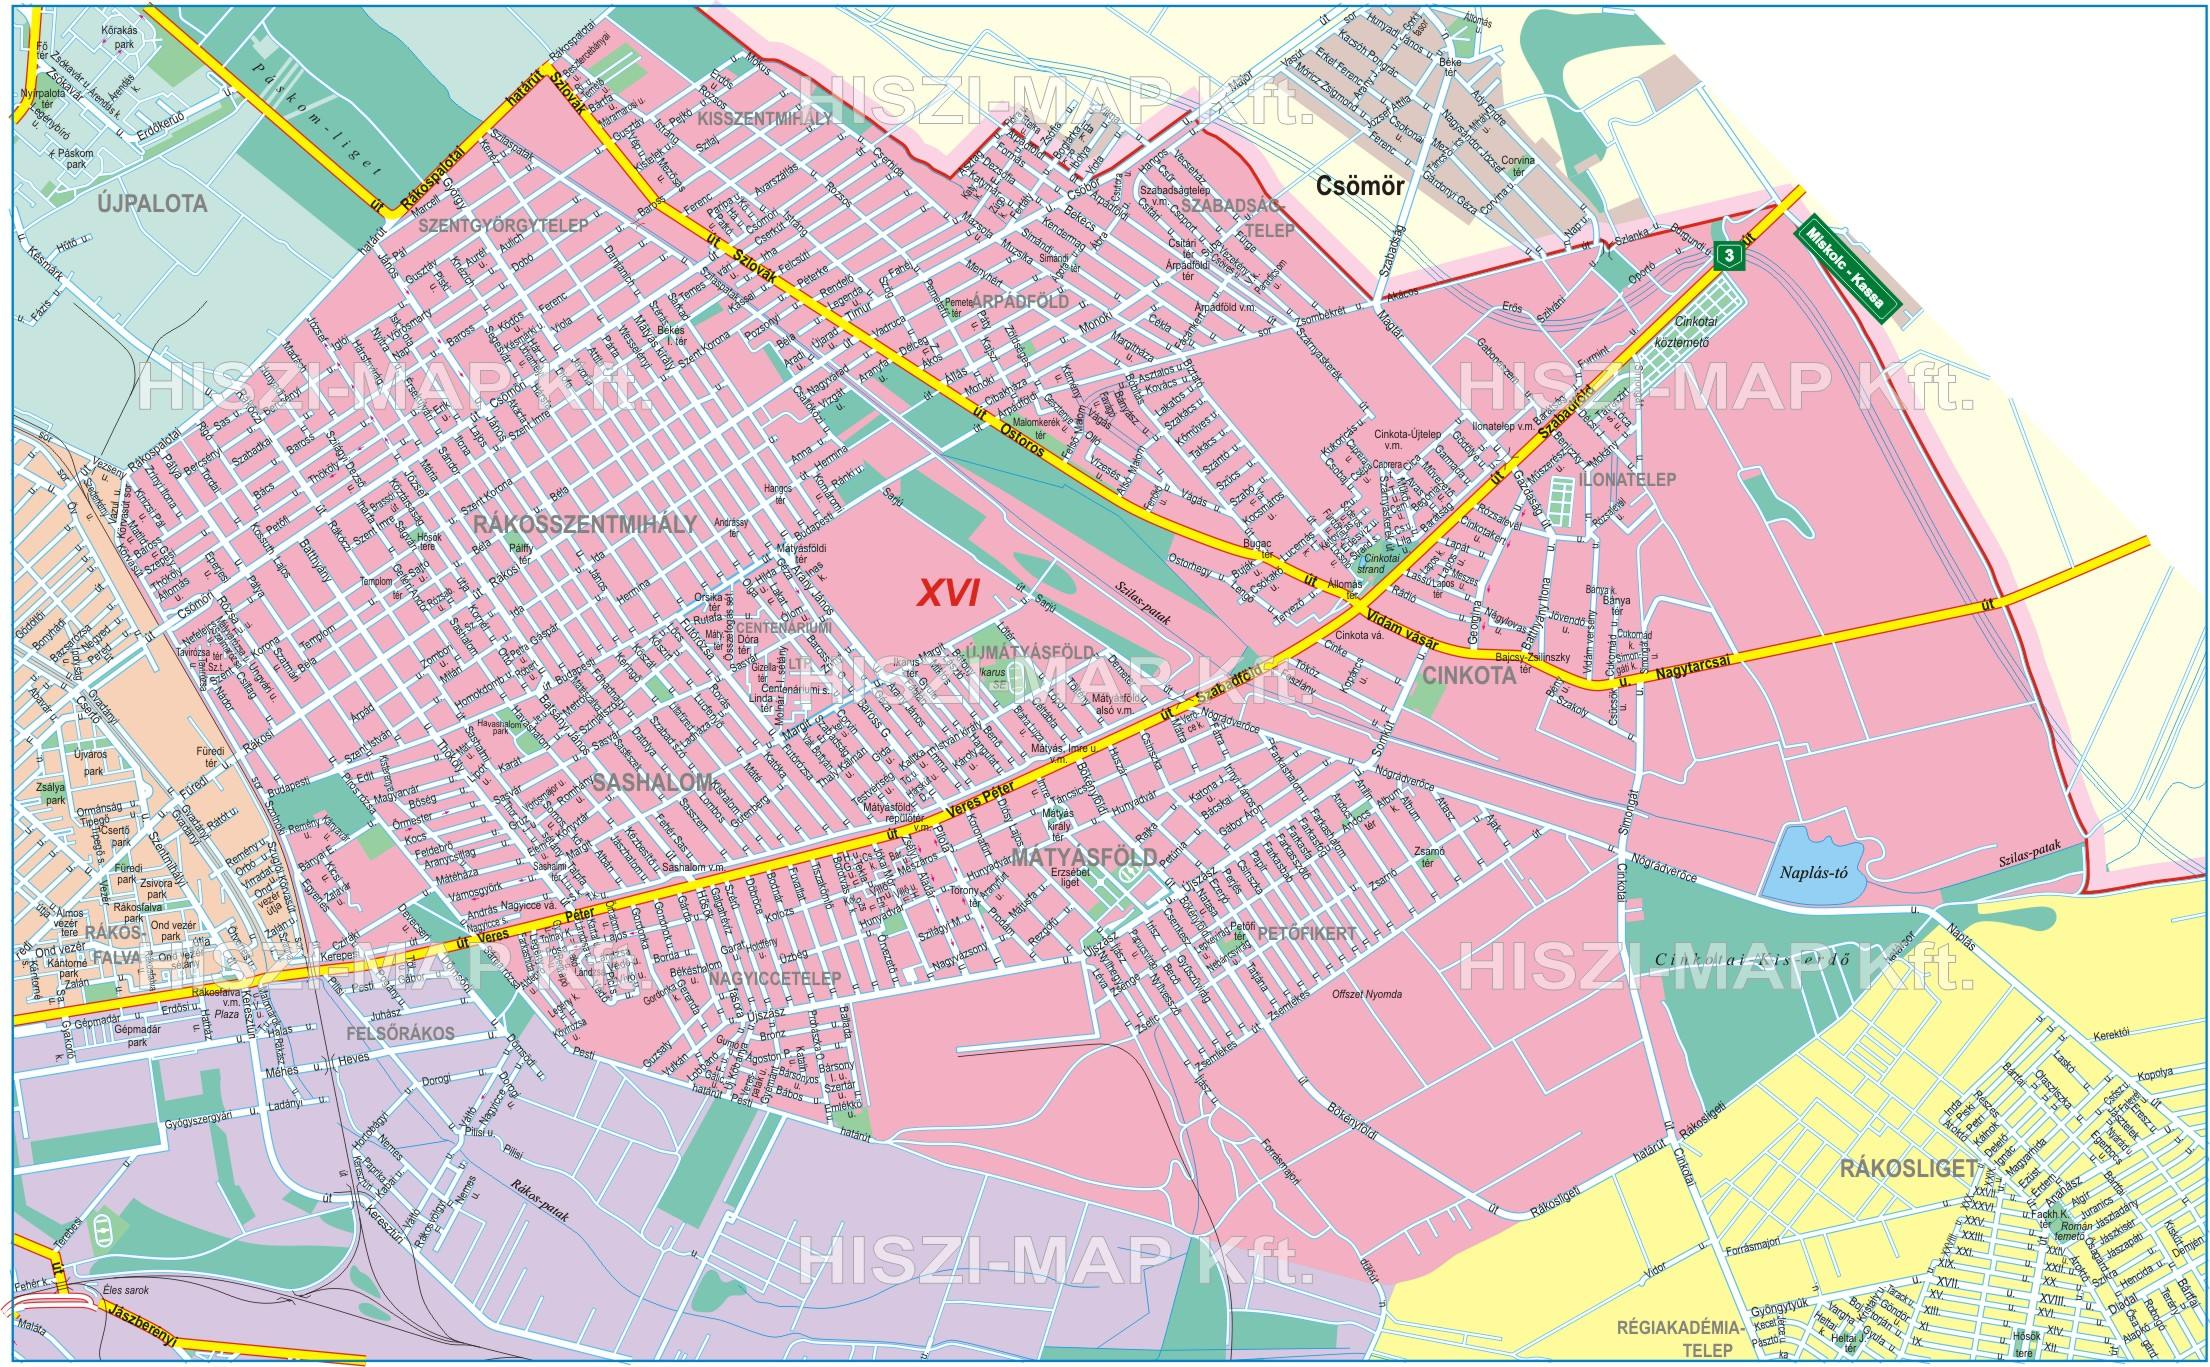 bp 16 ker térkép Házőr bp 16 ker térkép